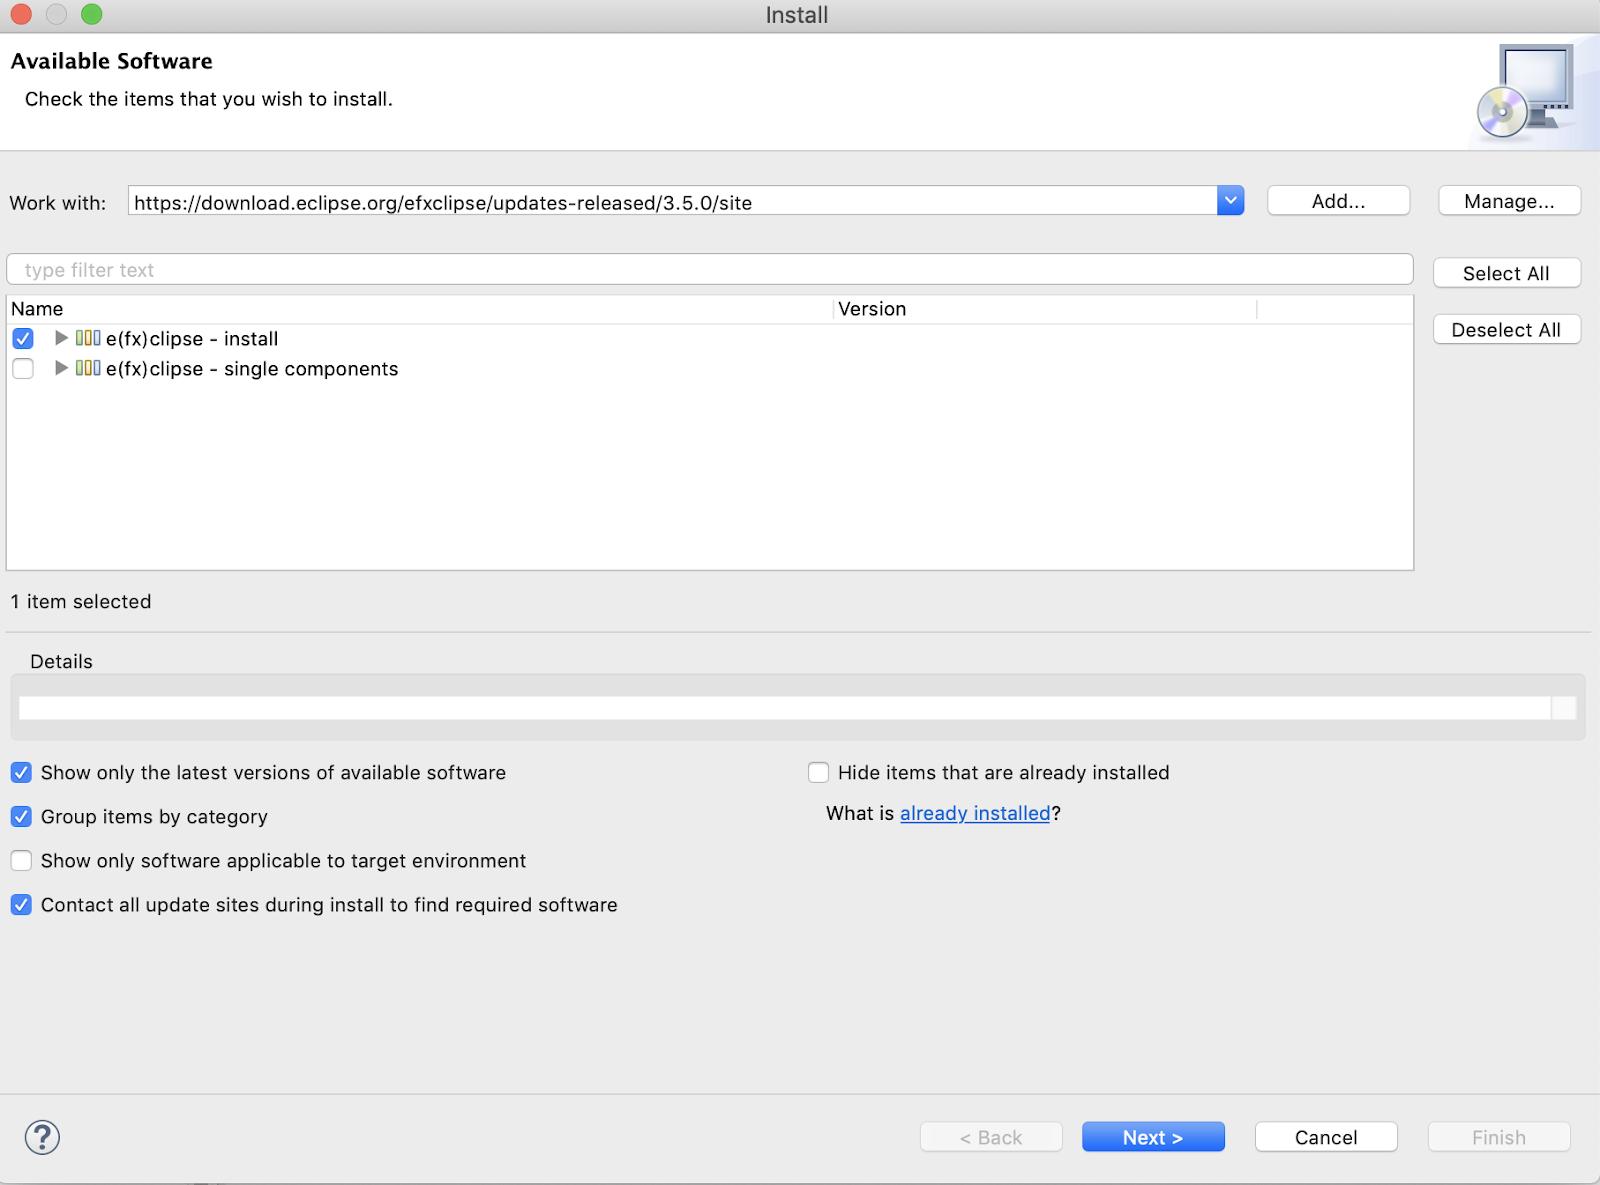 My Tech Notes: JavaFX Development: Install e(fx)clipse